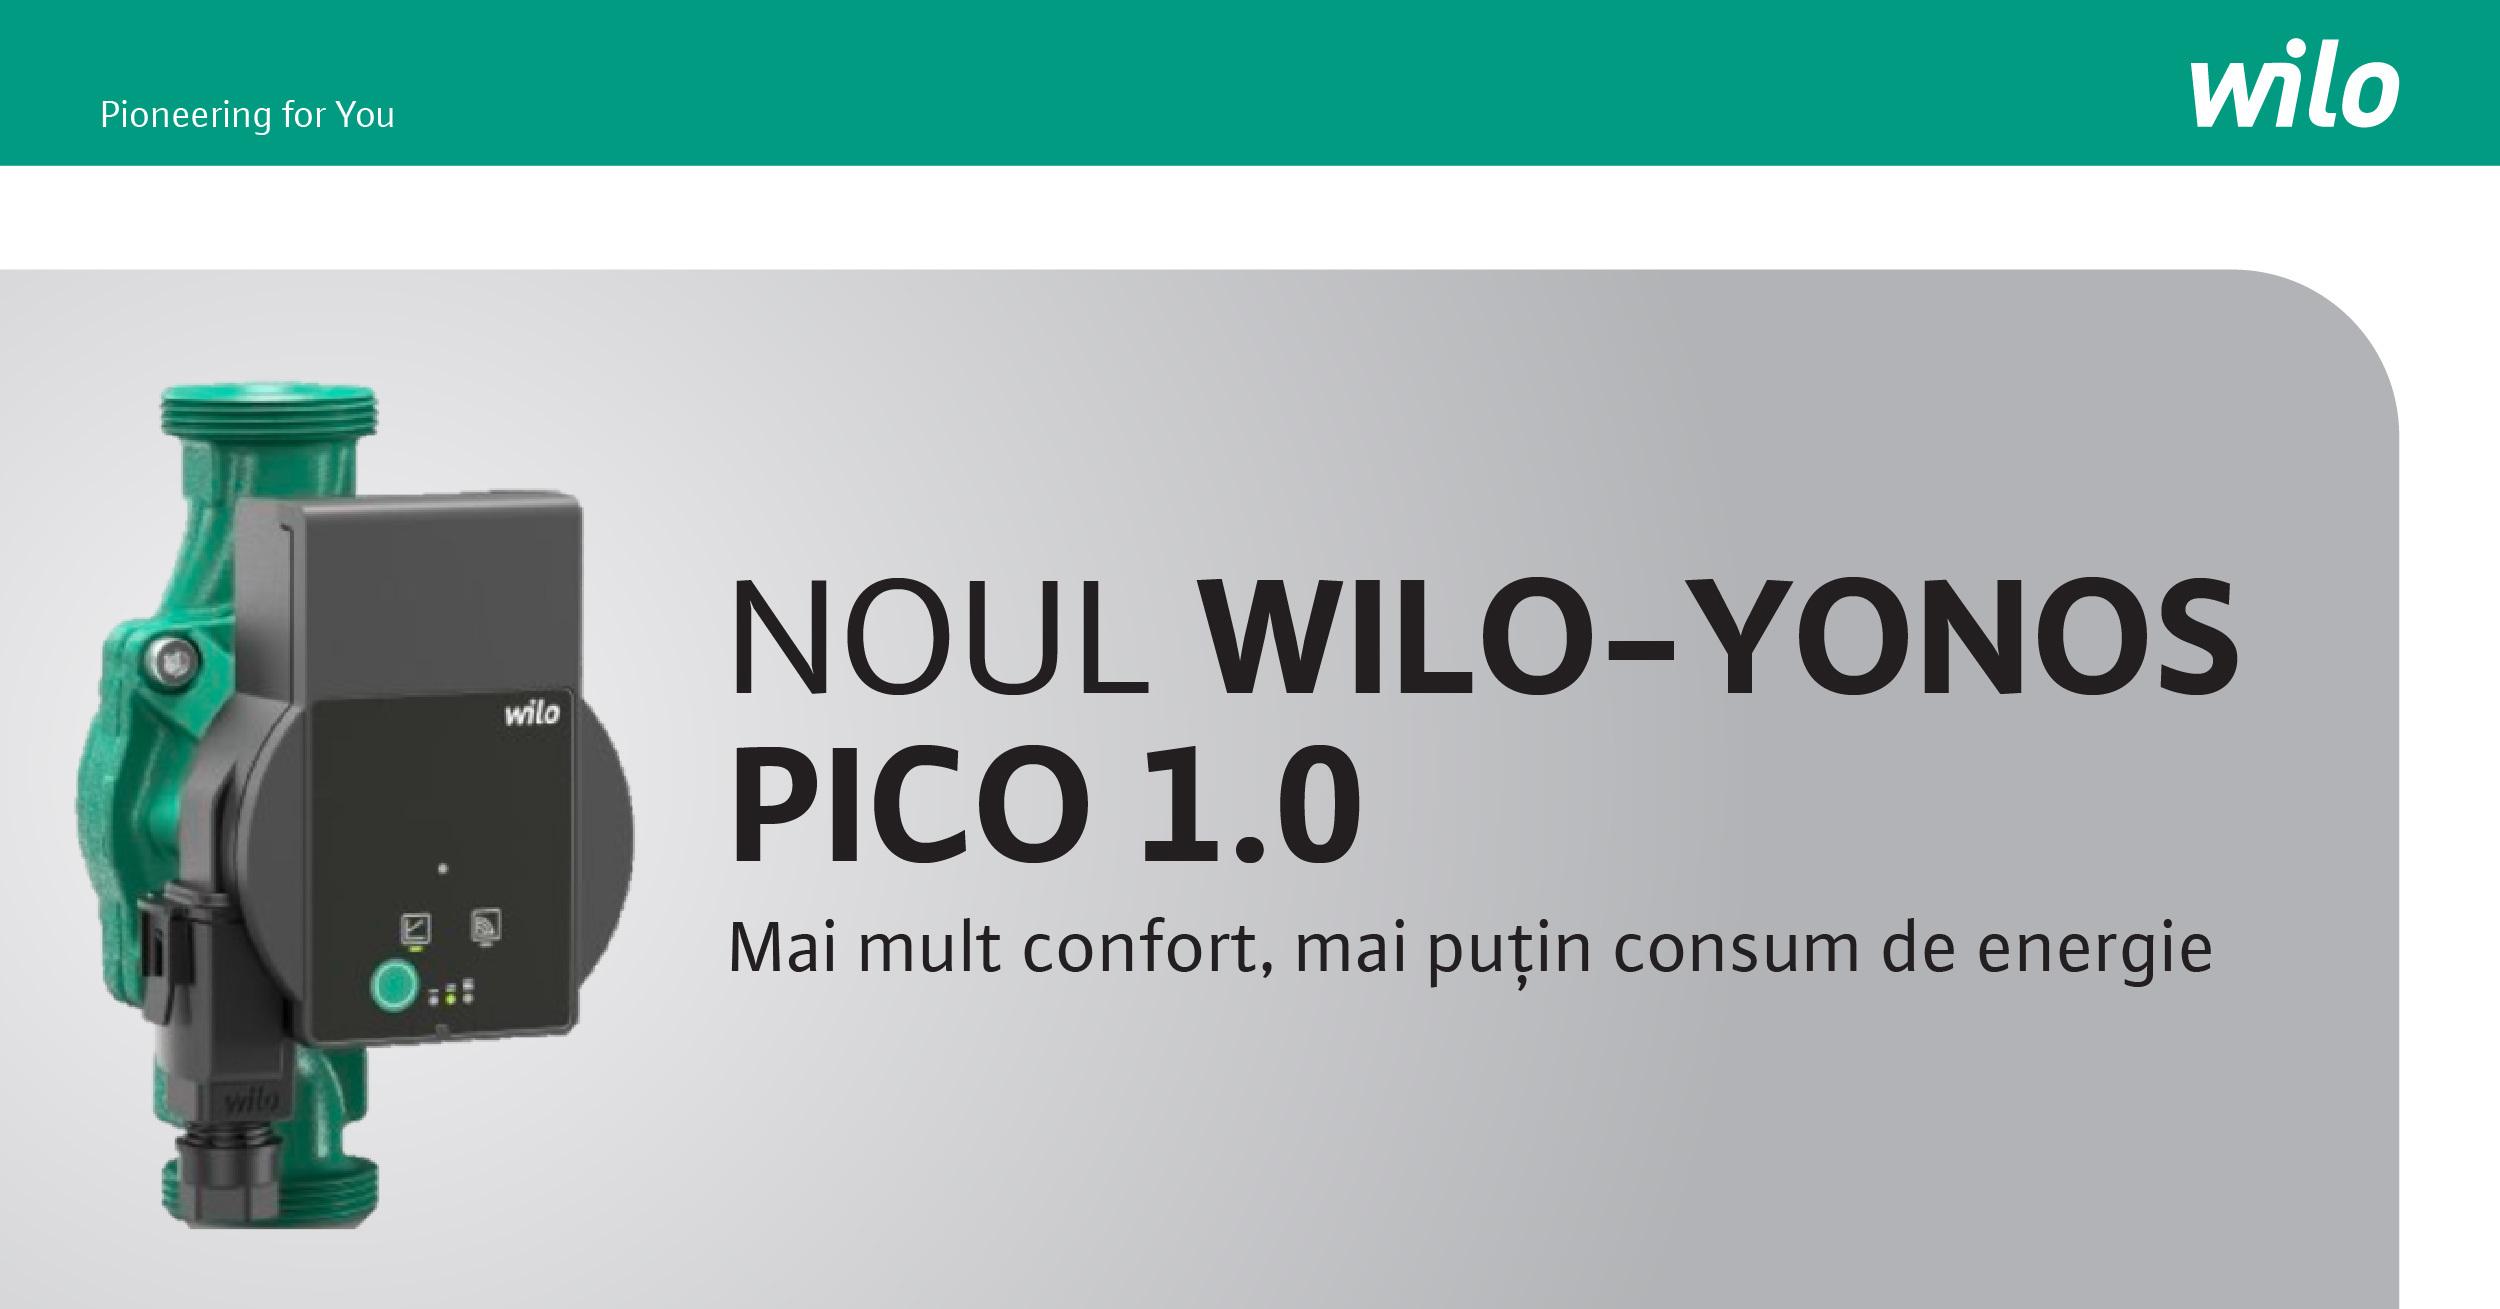 Wilo lansează o nouă pompă – Wilo-Yonos PICO 1.0